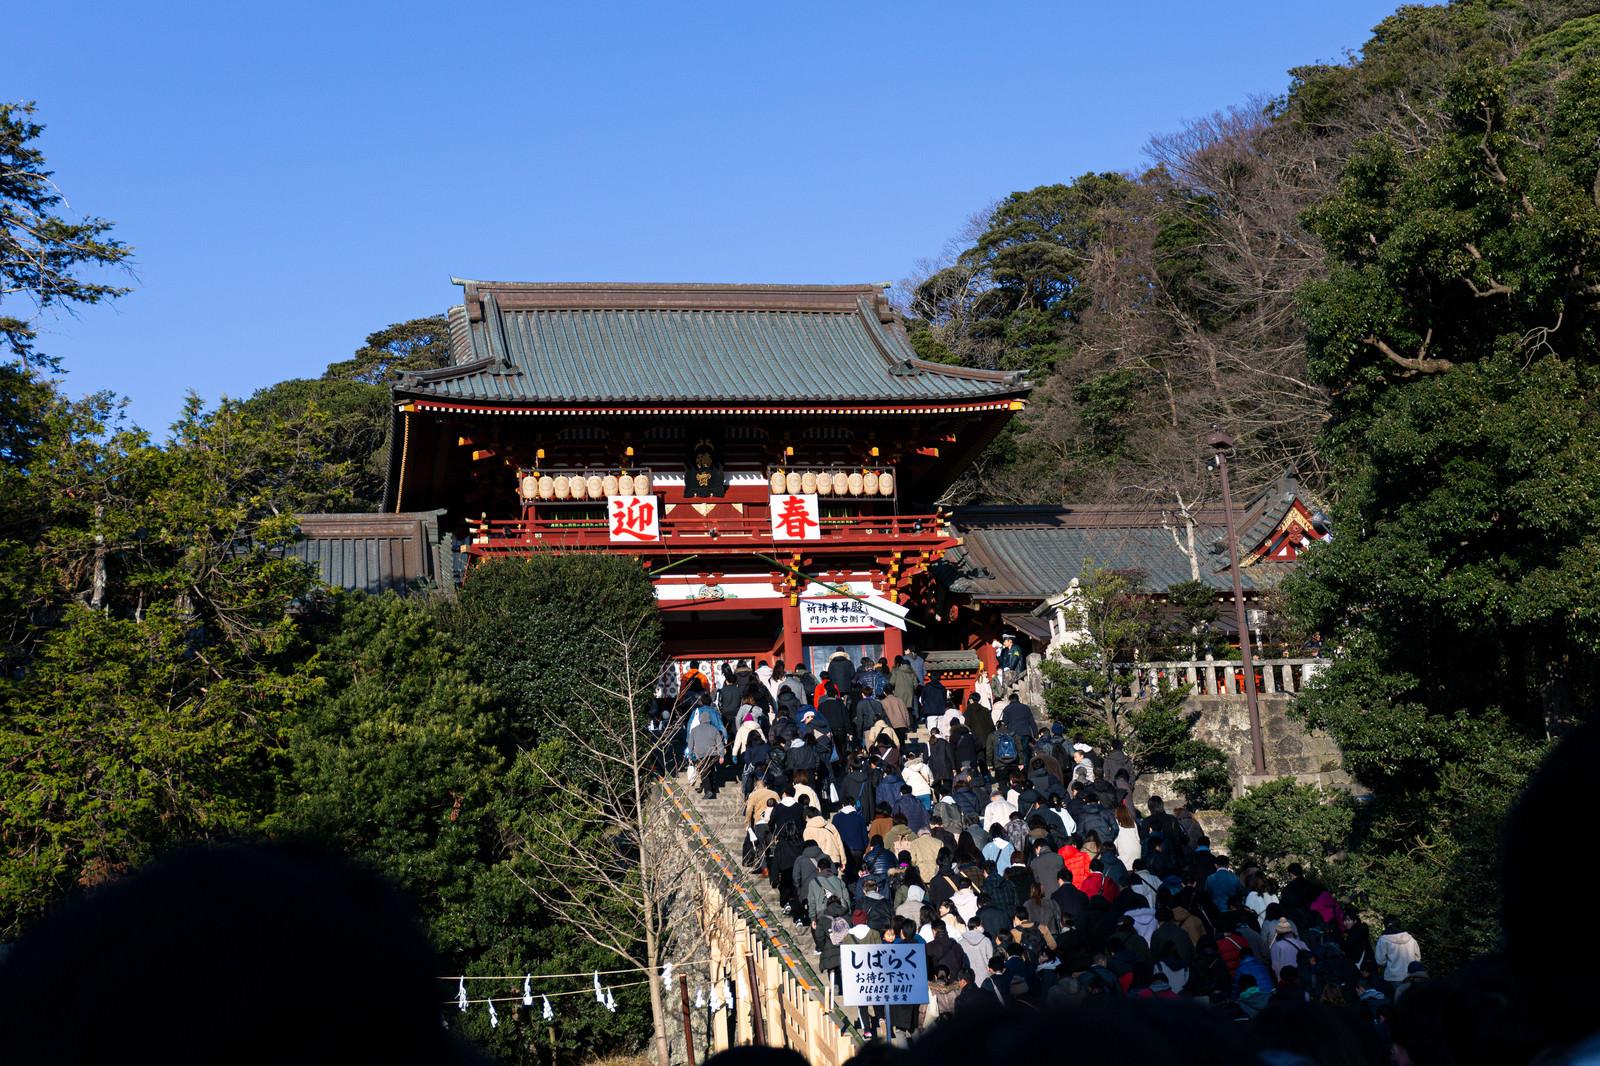 「初詣の参拝客で混雑する鶴岡八幡宮」の写真